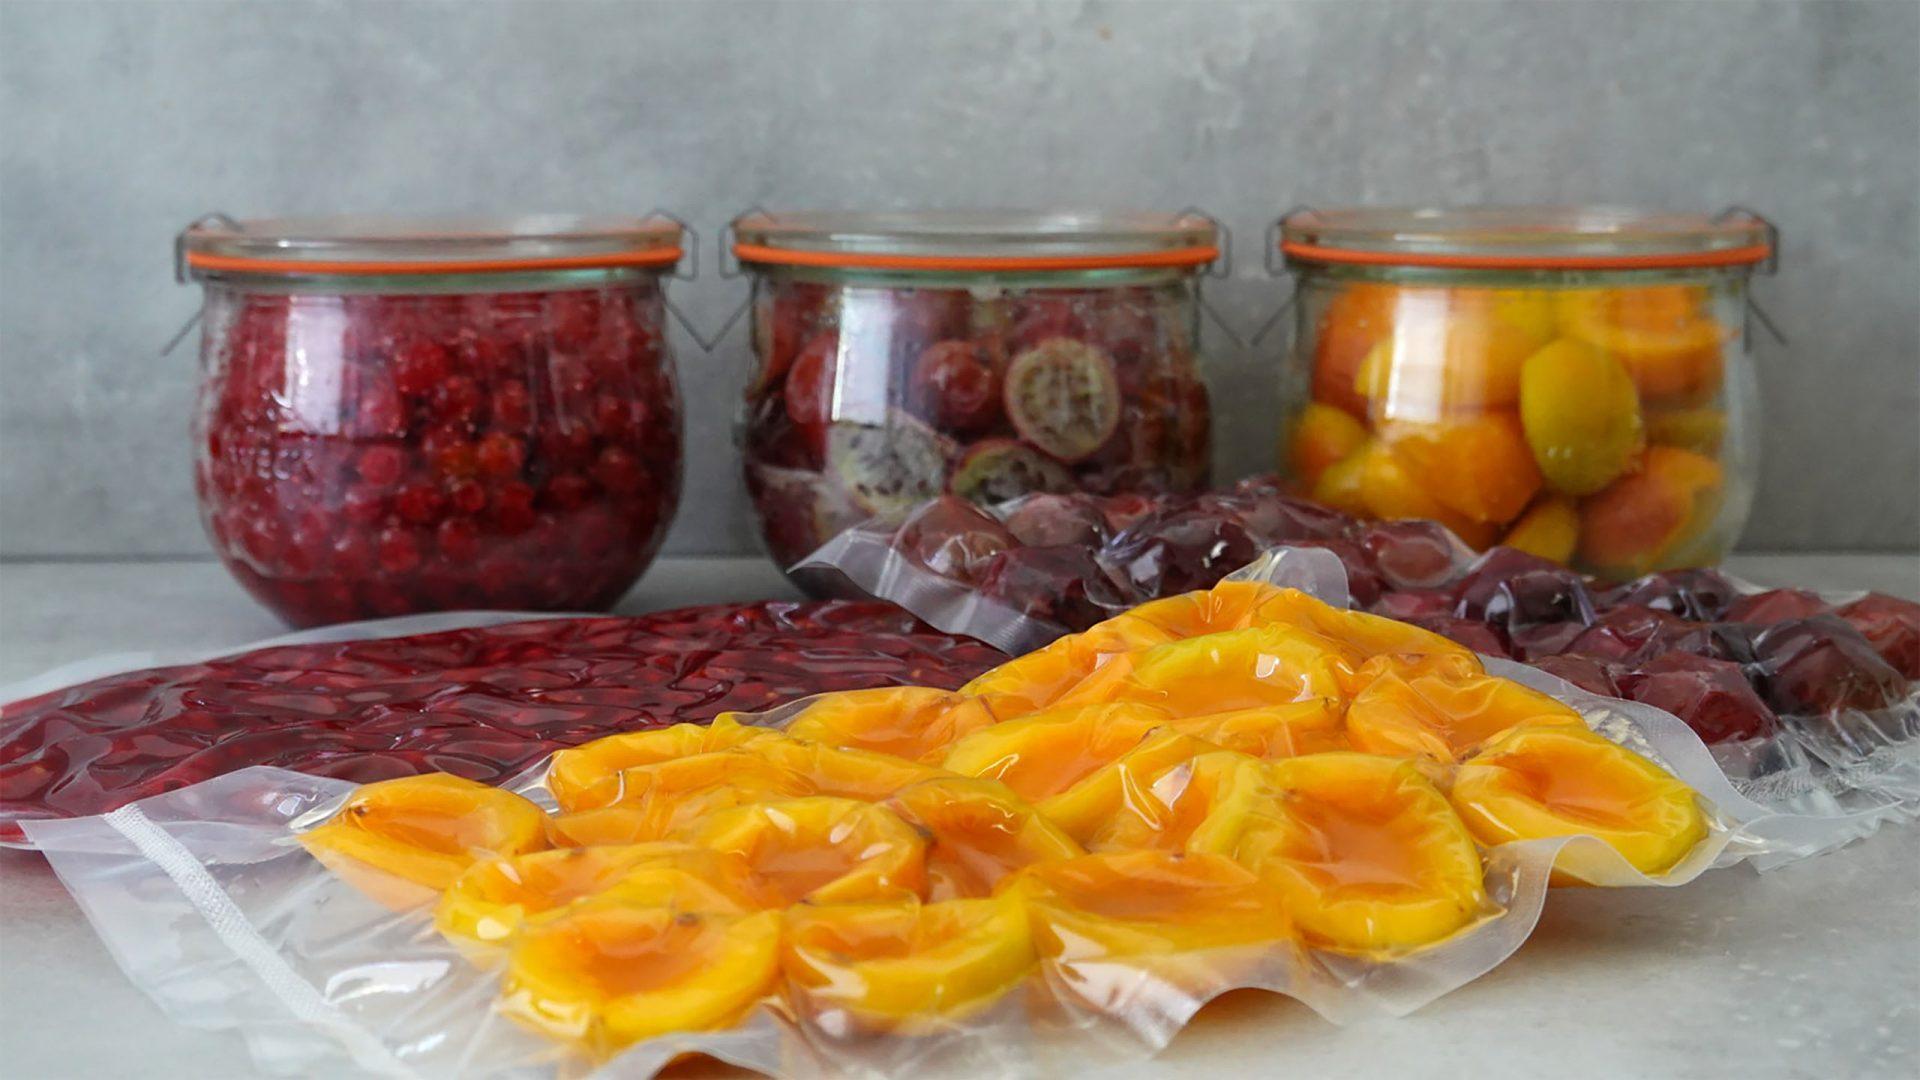 Johannisbeeren, Stachelbeeren und Aprikosen zu Beginn der Fermentationszeit